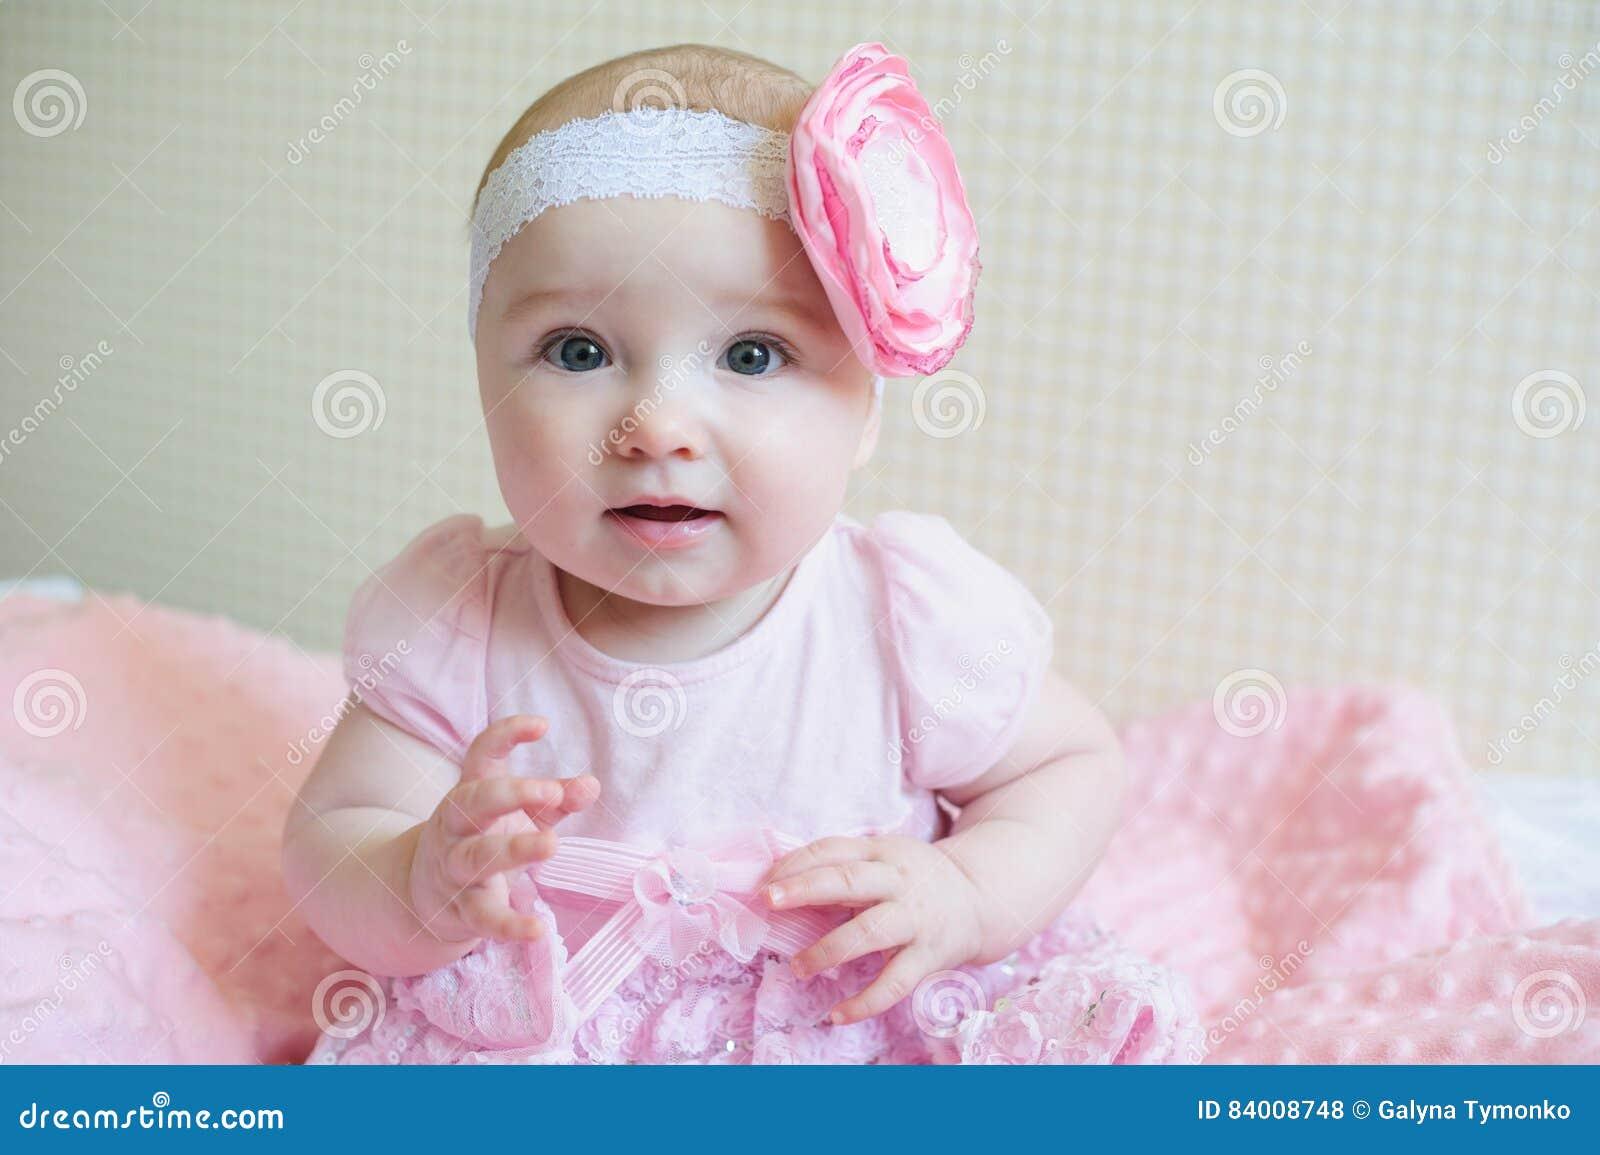 Letto per bambina principessa ristorantesirolo